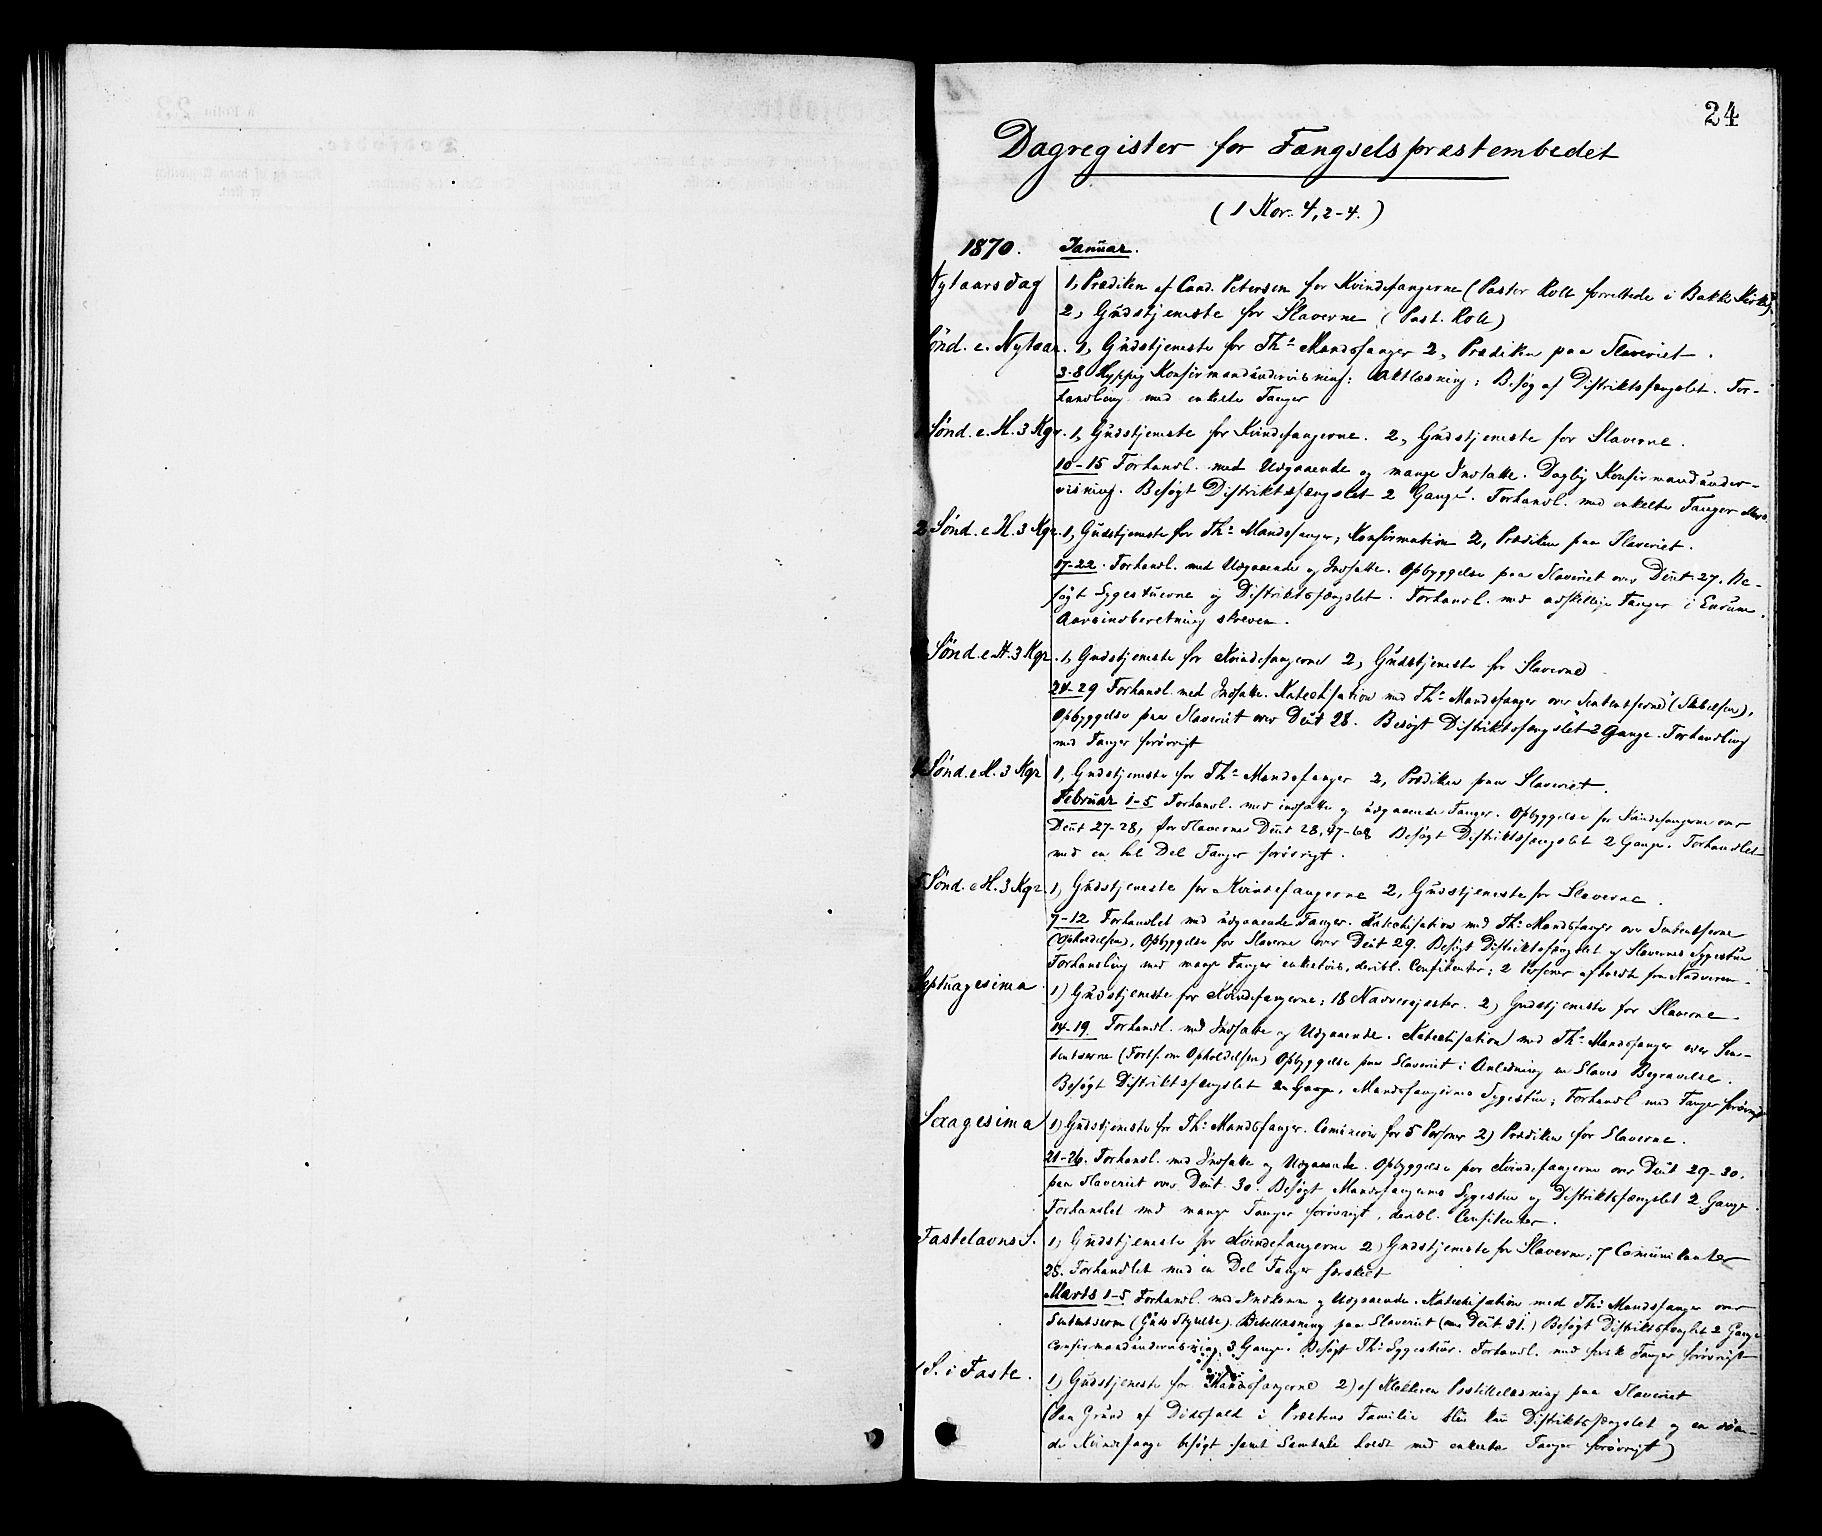 SAT, Ministerialprotokoller, klokkerbøker og fødselsregistre - Sør-Trøndelag, 624/L0482: Ministerialbok nr. 624A03, 1870-1918, s. 24